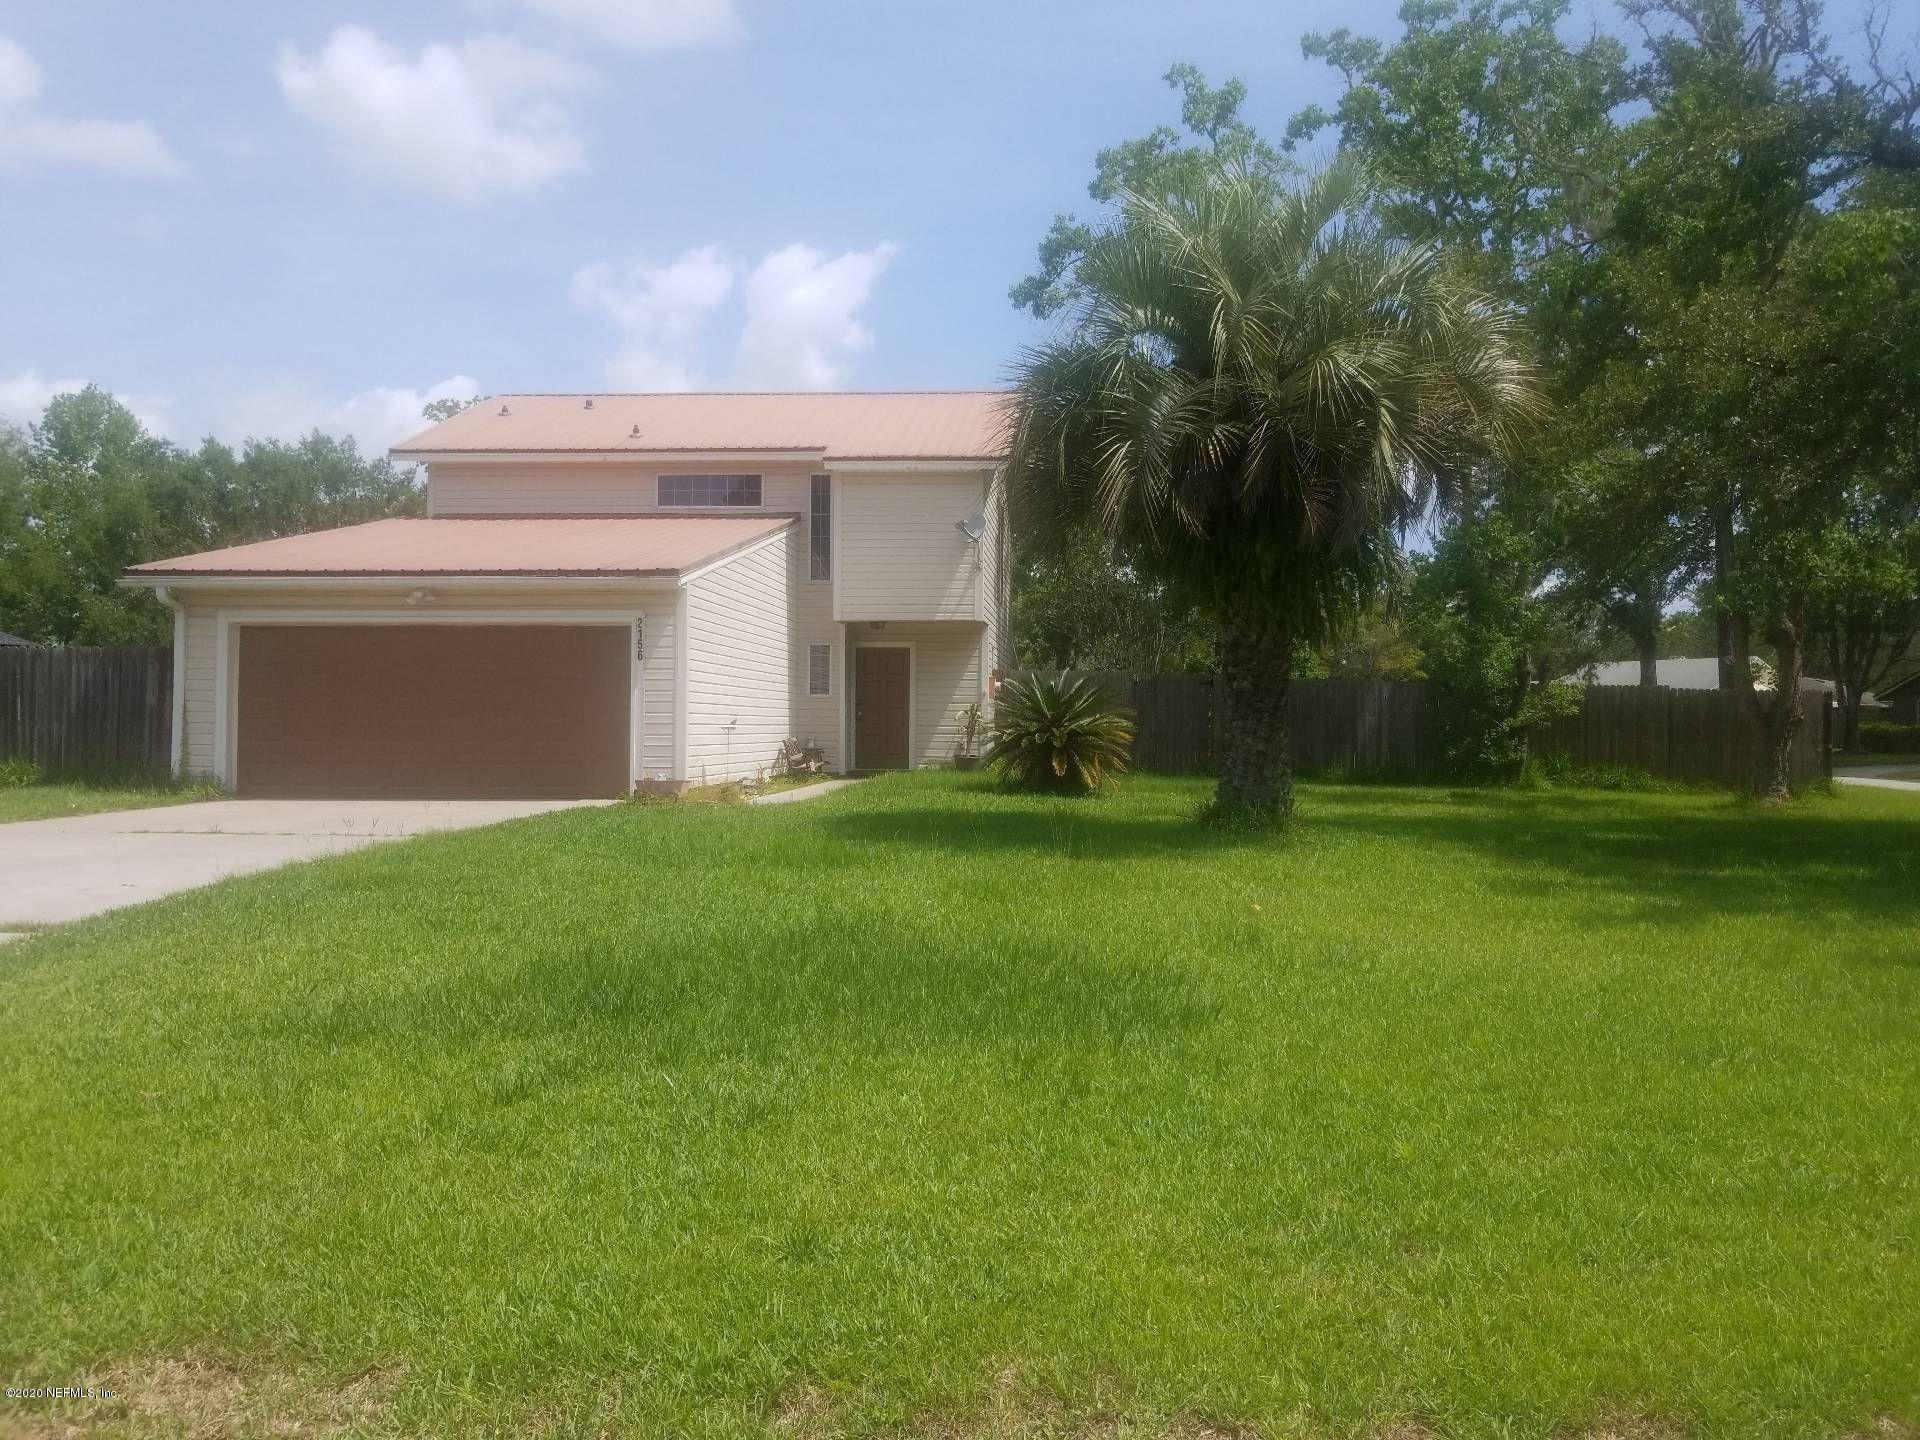 Details for 2156 Acorn Manor, MIDDLEBURG, FL 32068